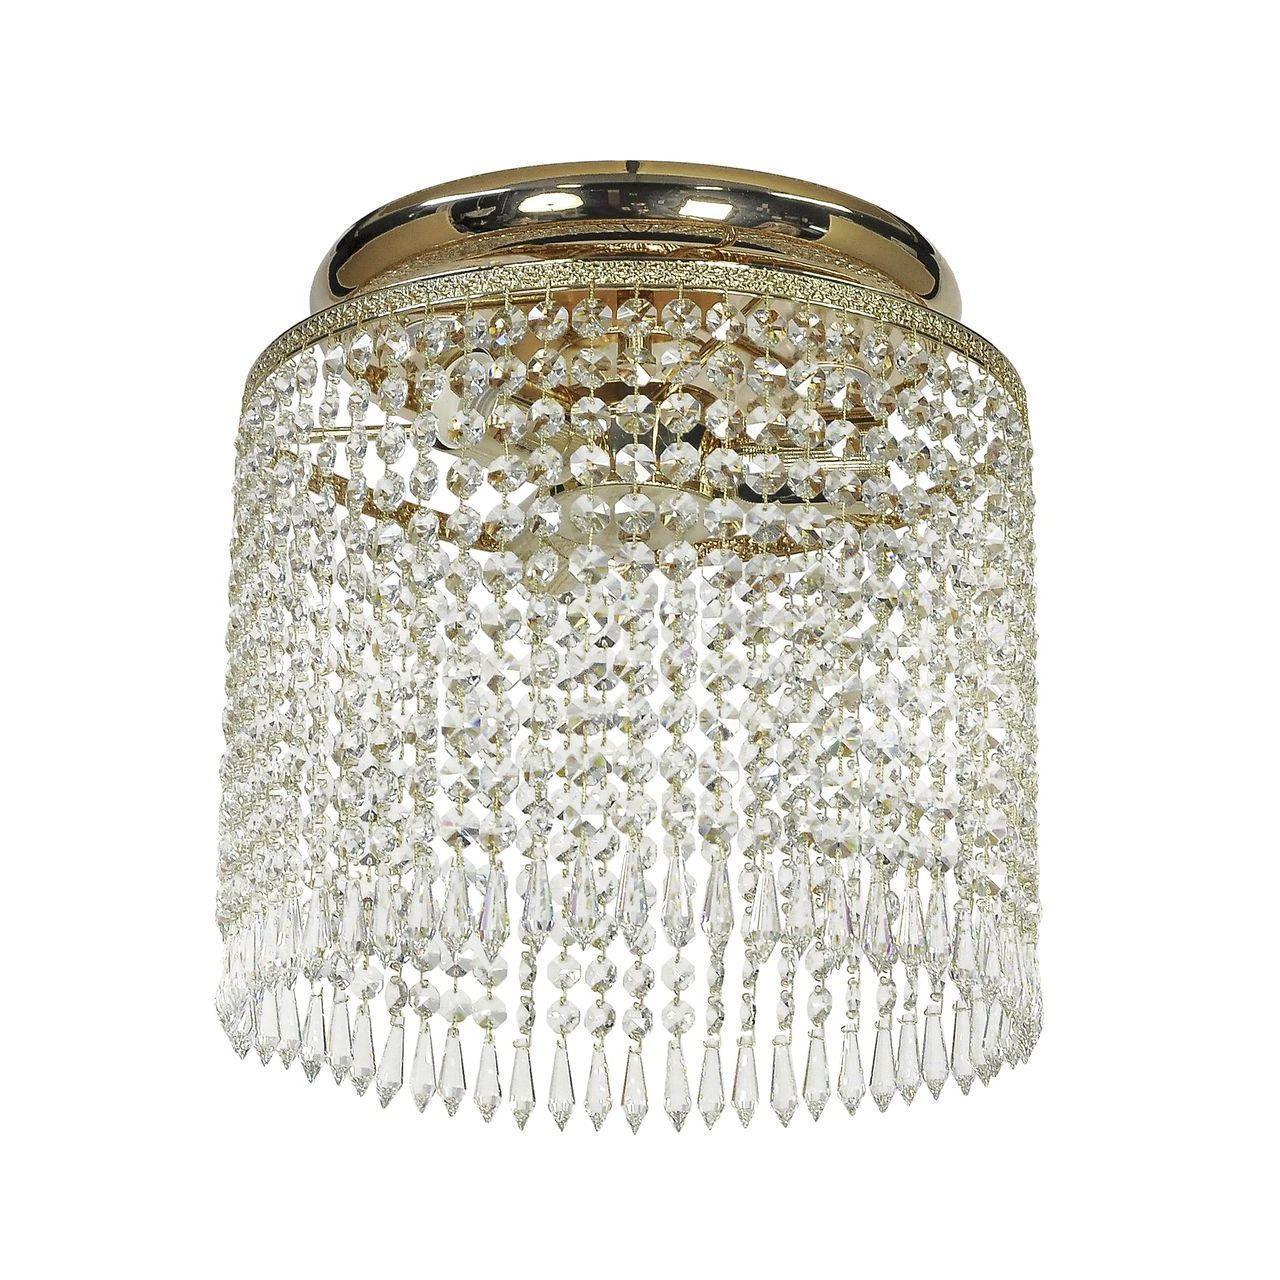 Потолочный светильник Lucia Tucci Cristallo 756.3.2 Gold